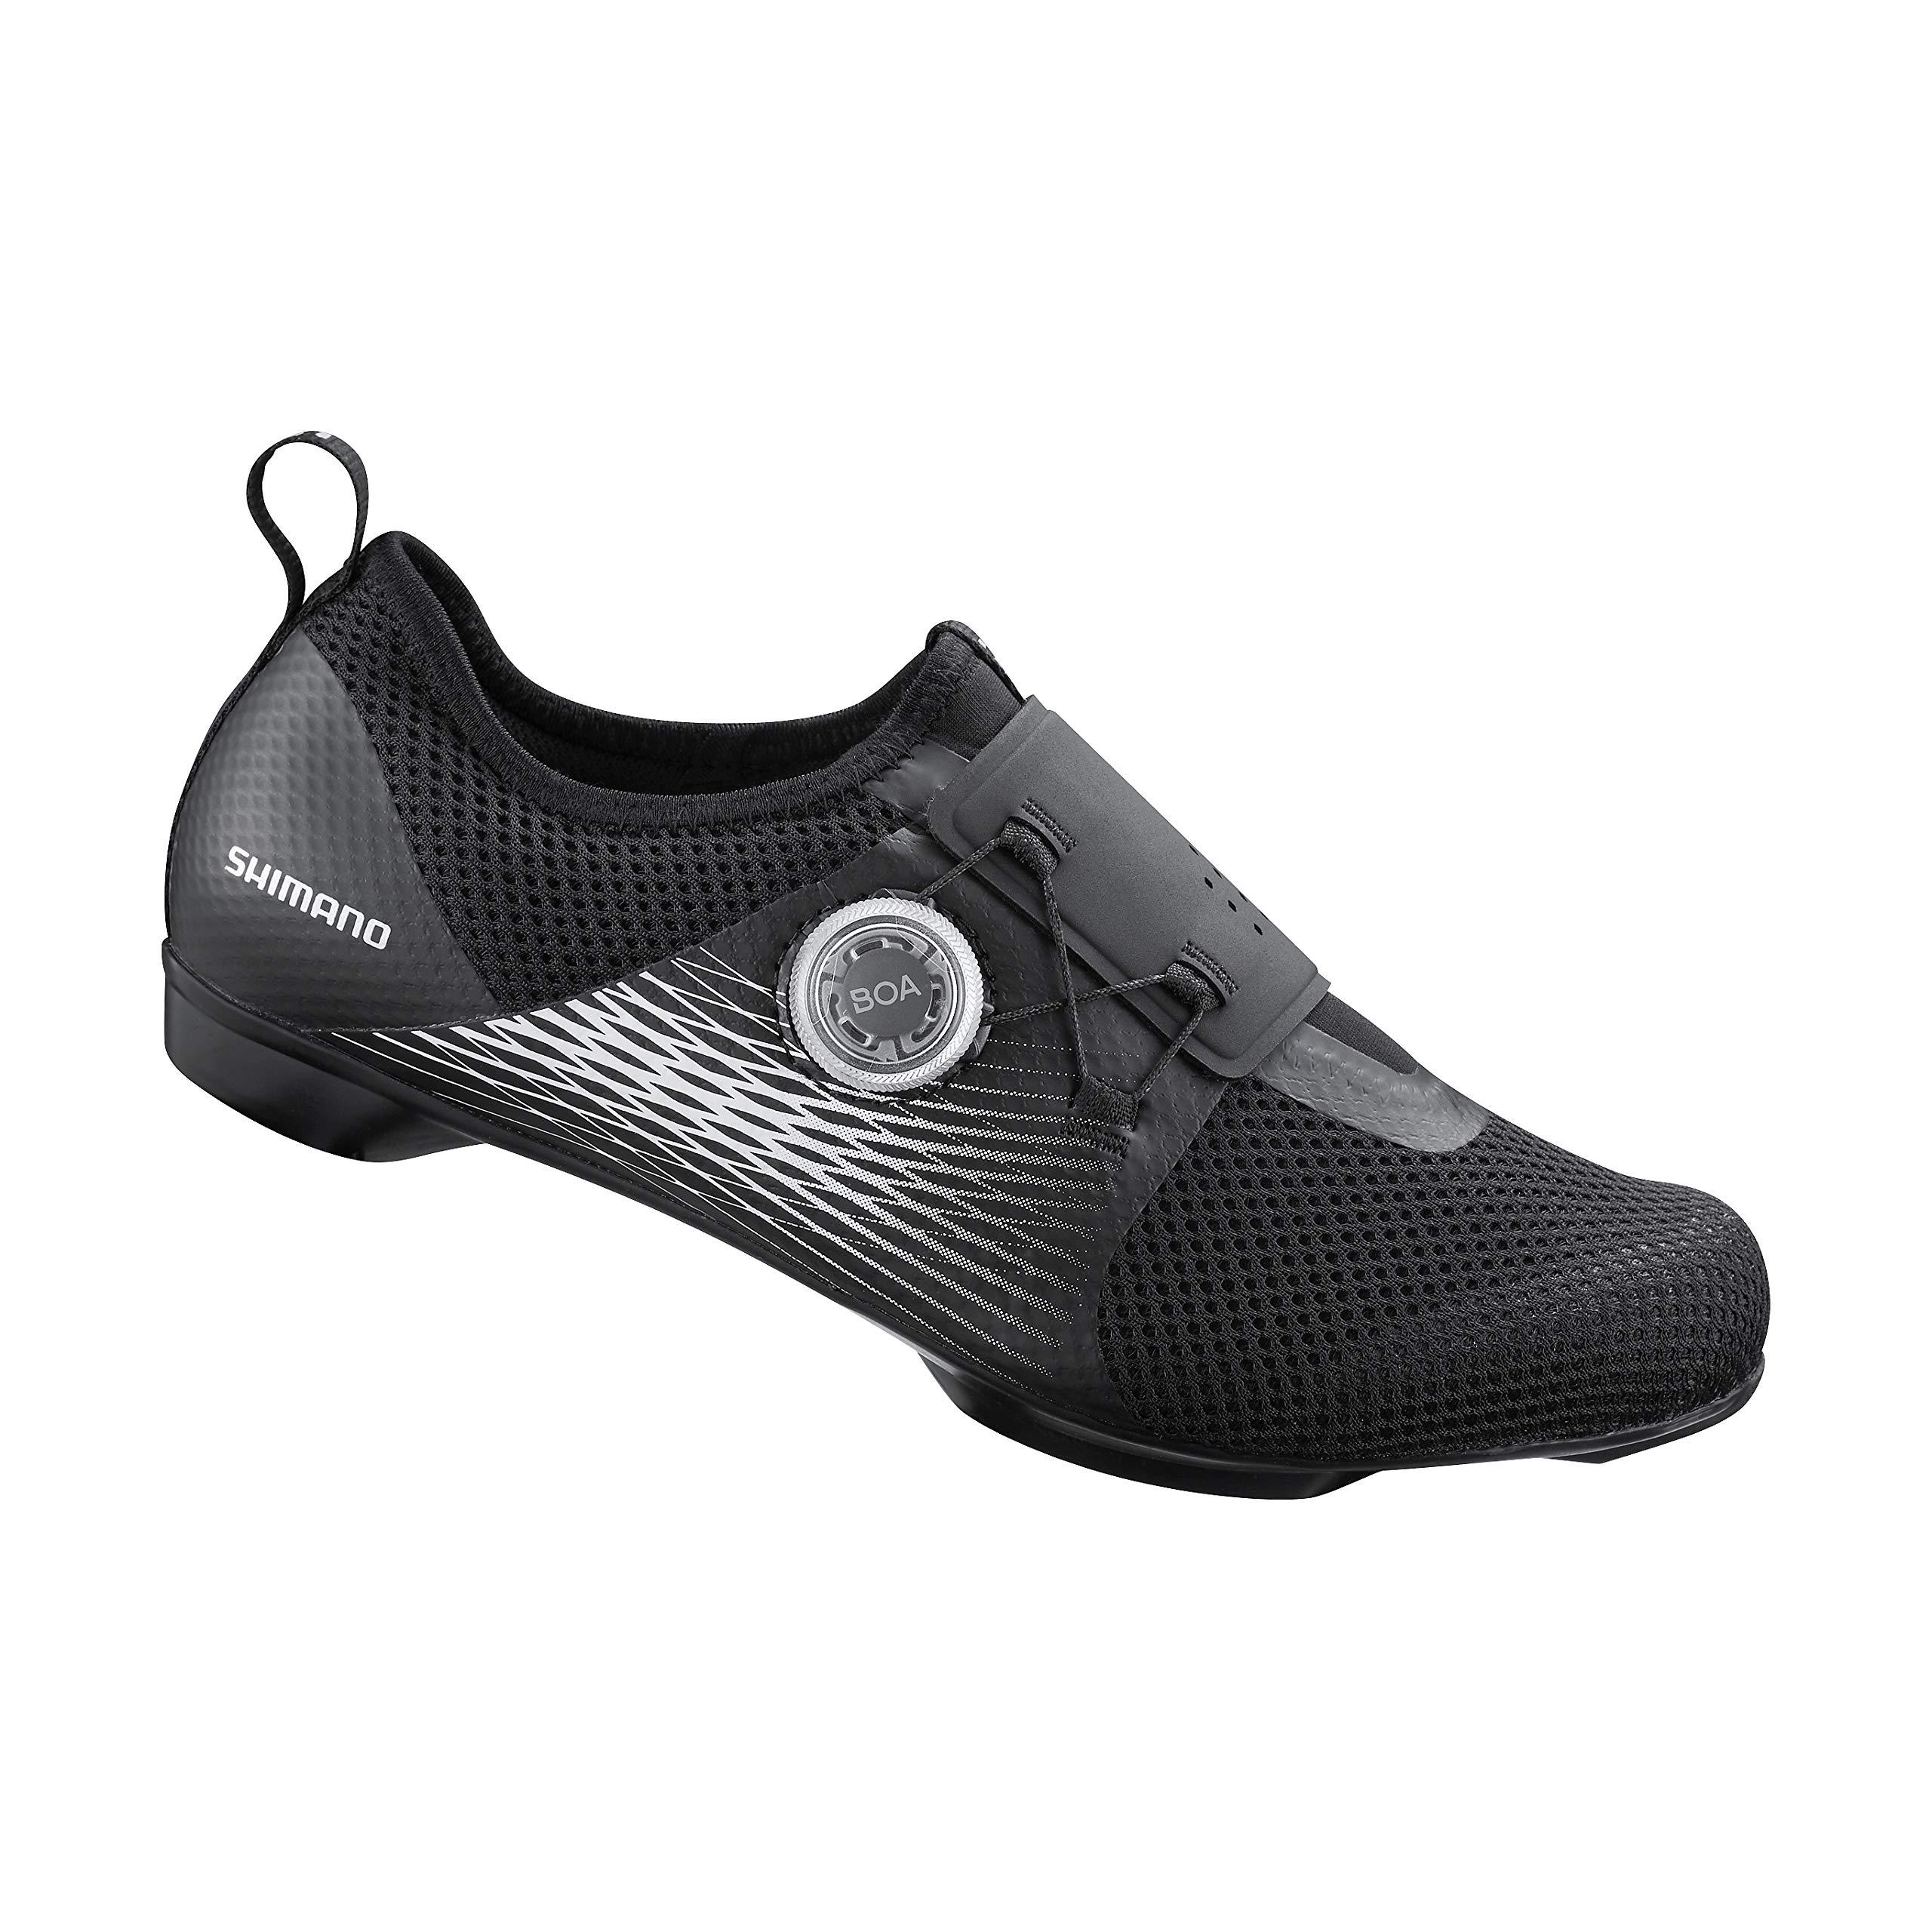 SHIMANO SH-IC500 Cycling Shoe - Women's, Black, 41 by SHIMANO